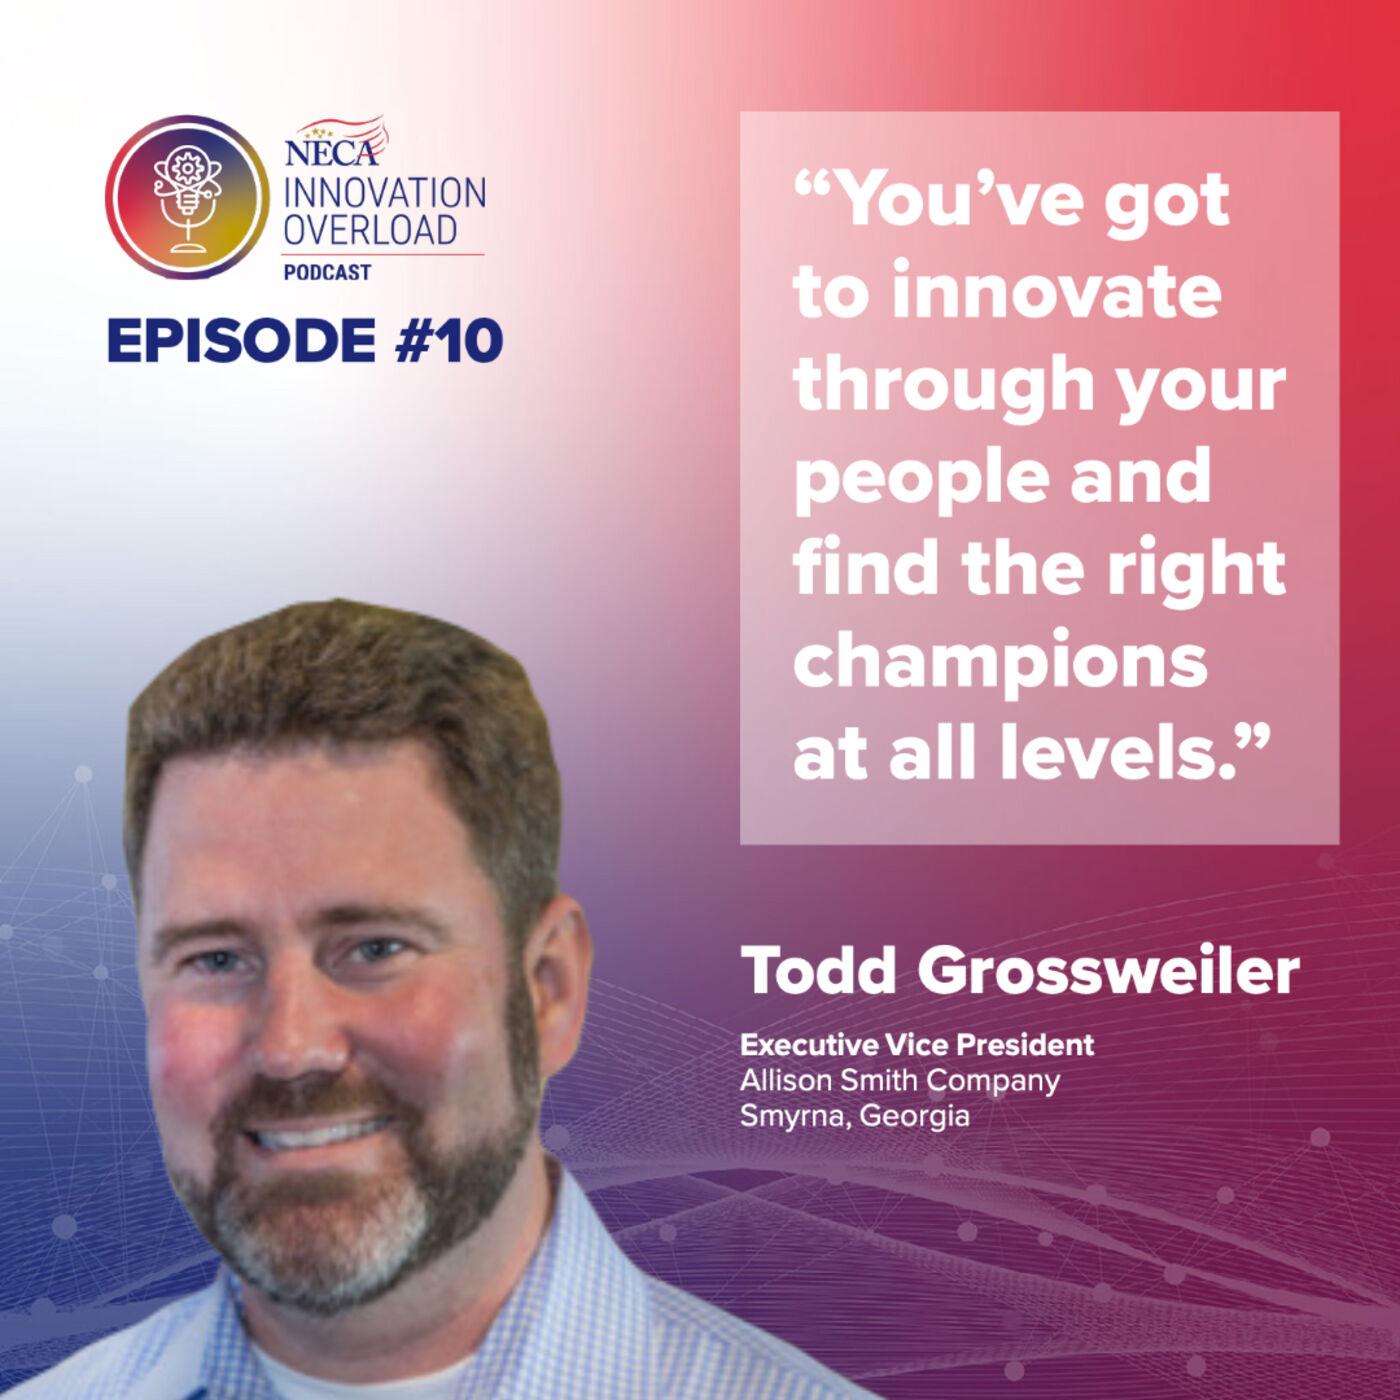 #10 - Todd Grossweiler